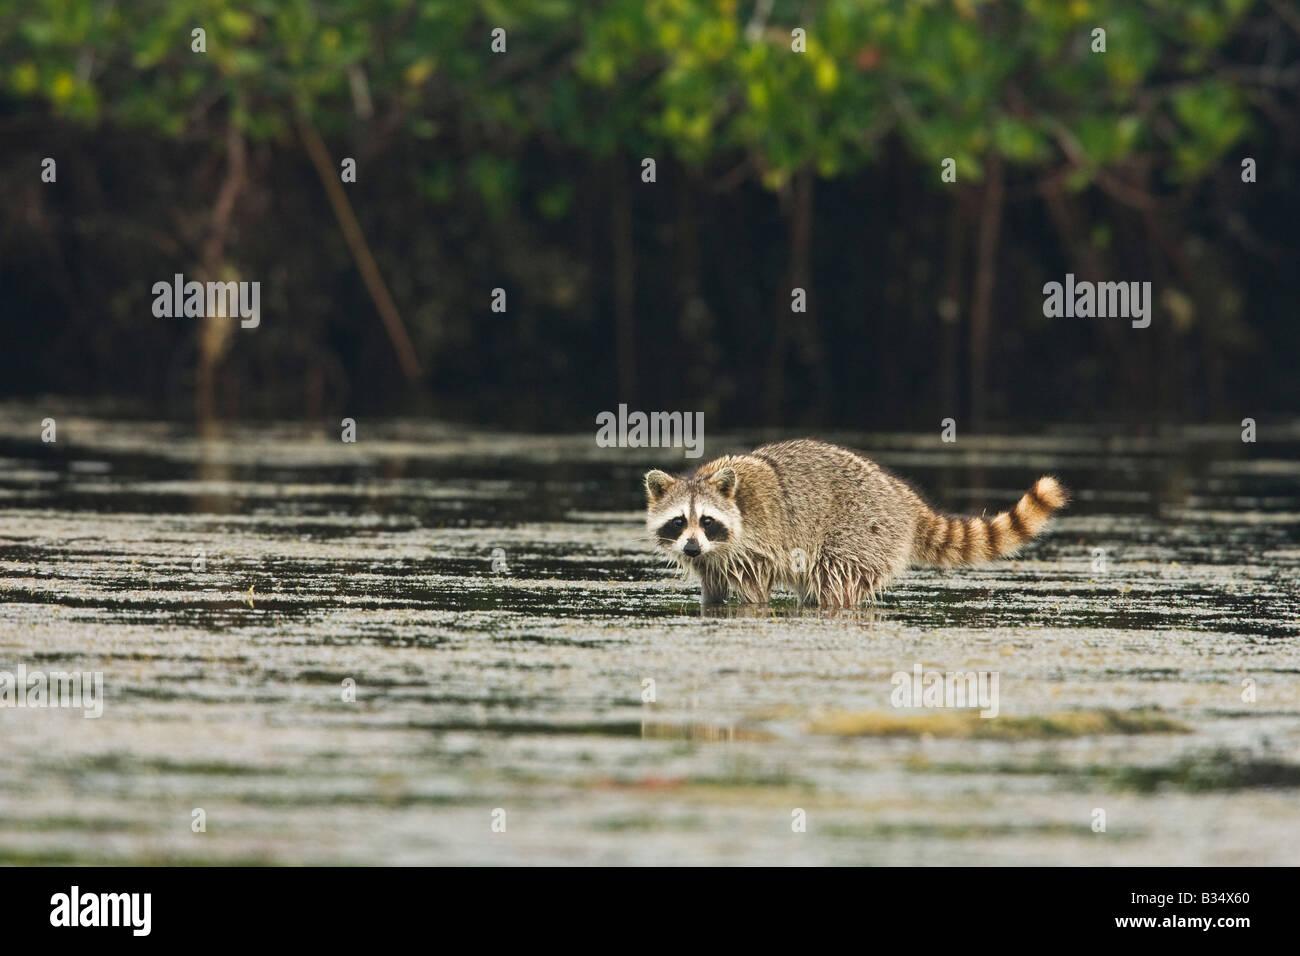 Le raton laveur (Procyon lotor) parmi les palétuviers Photo Stock